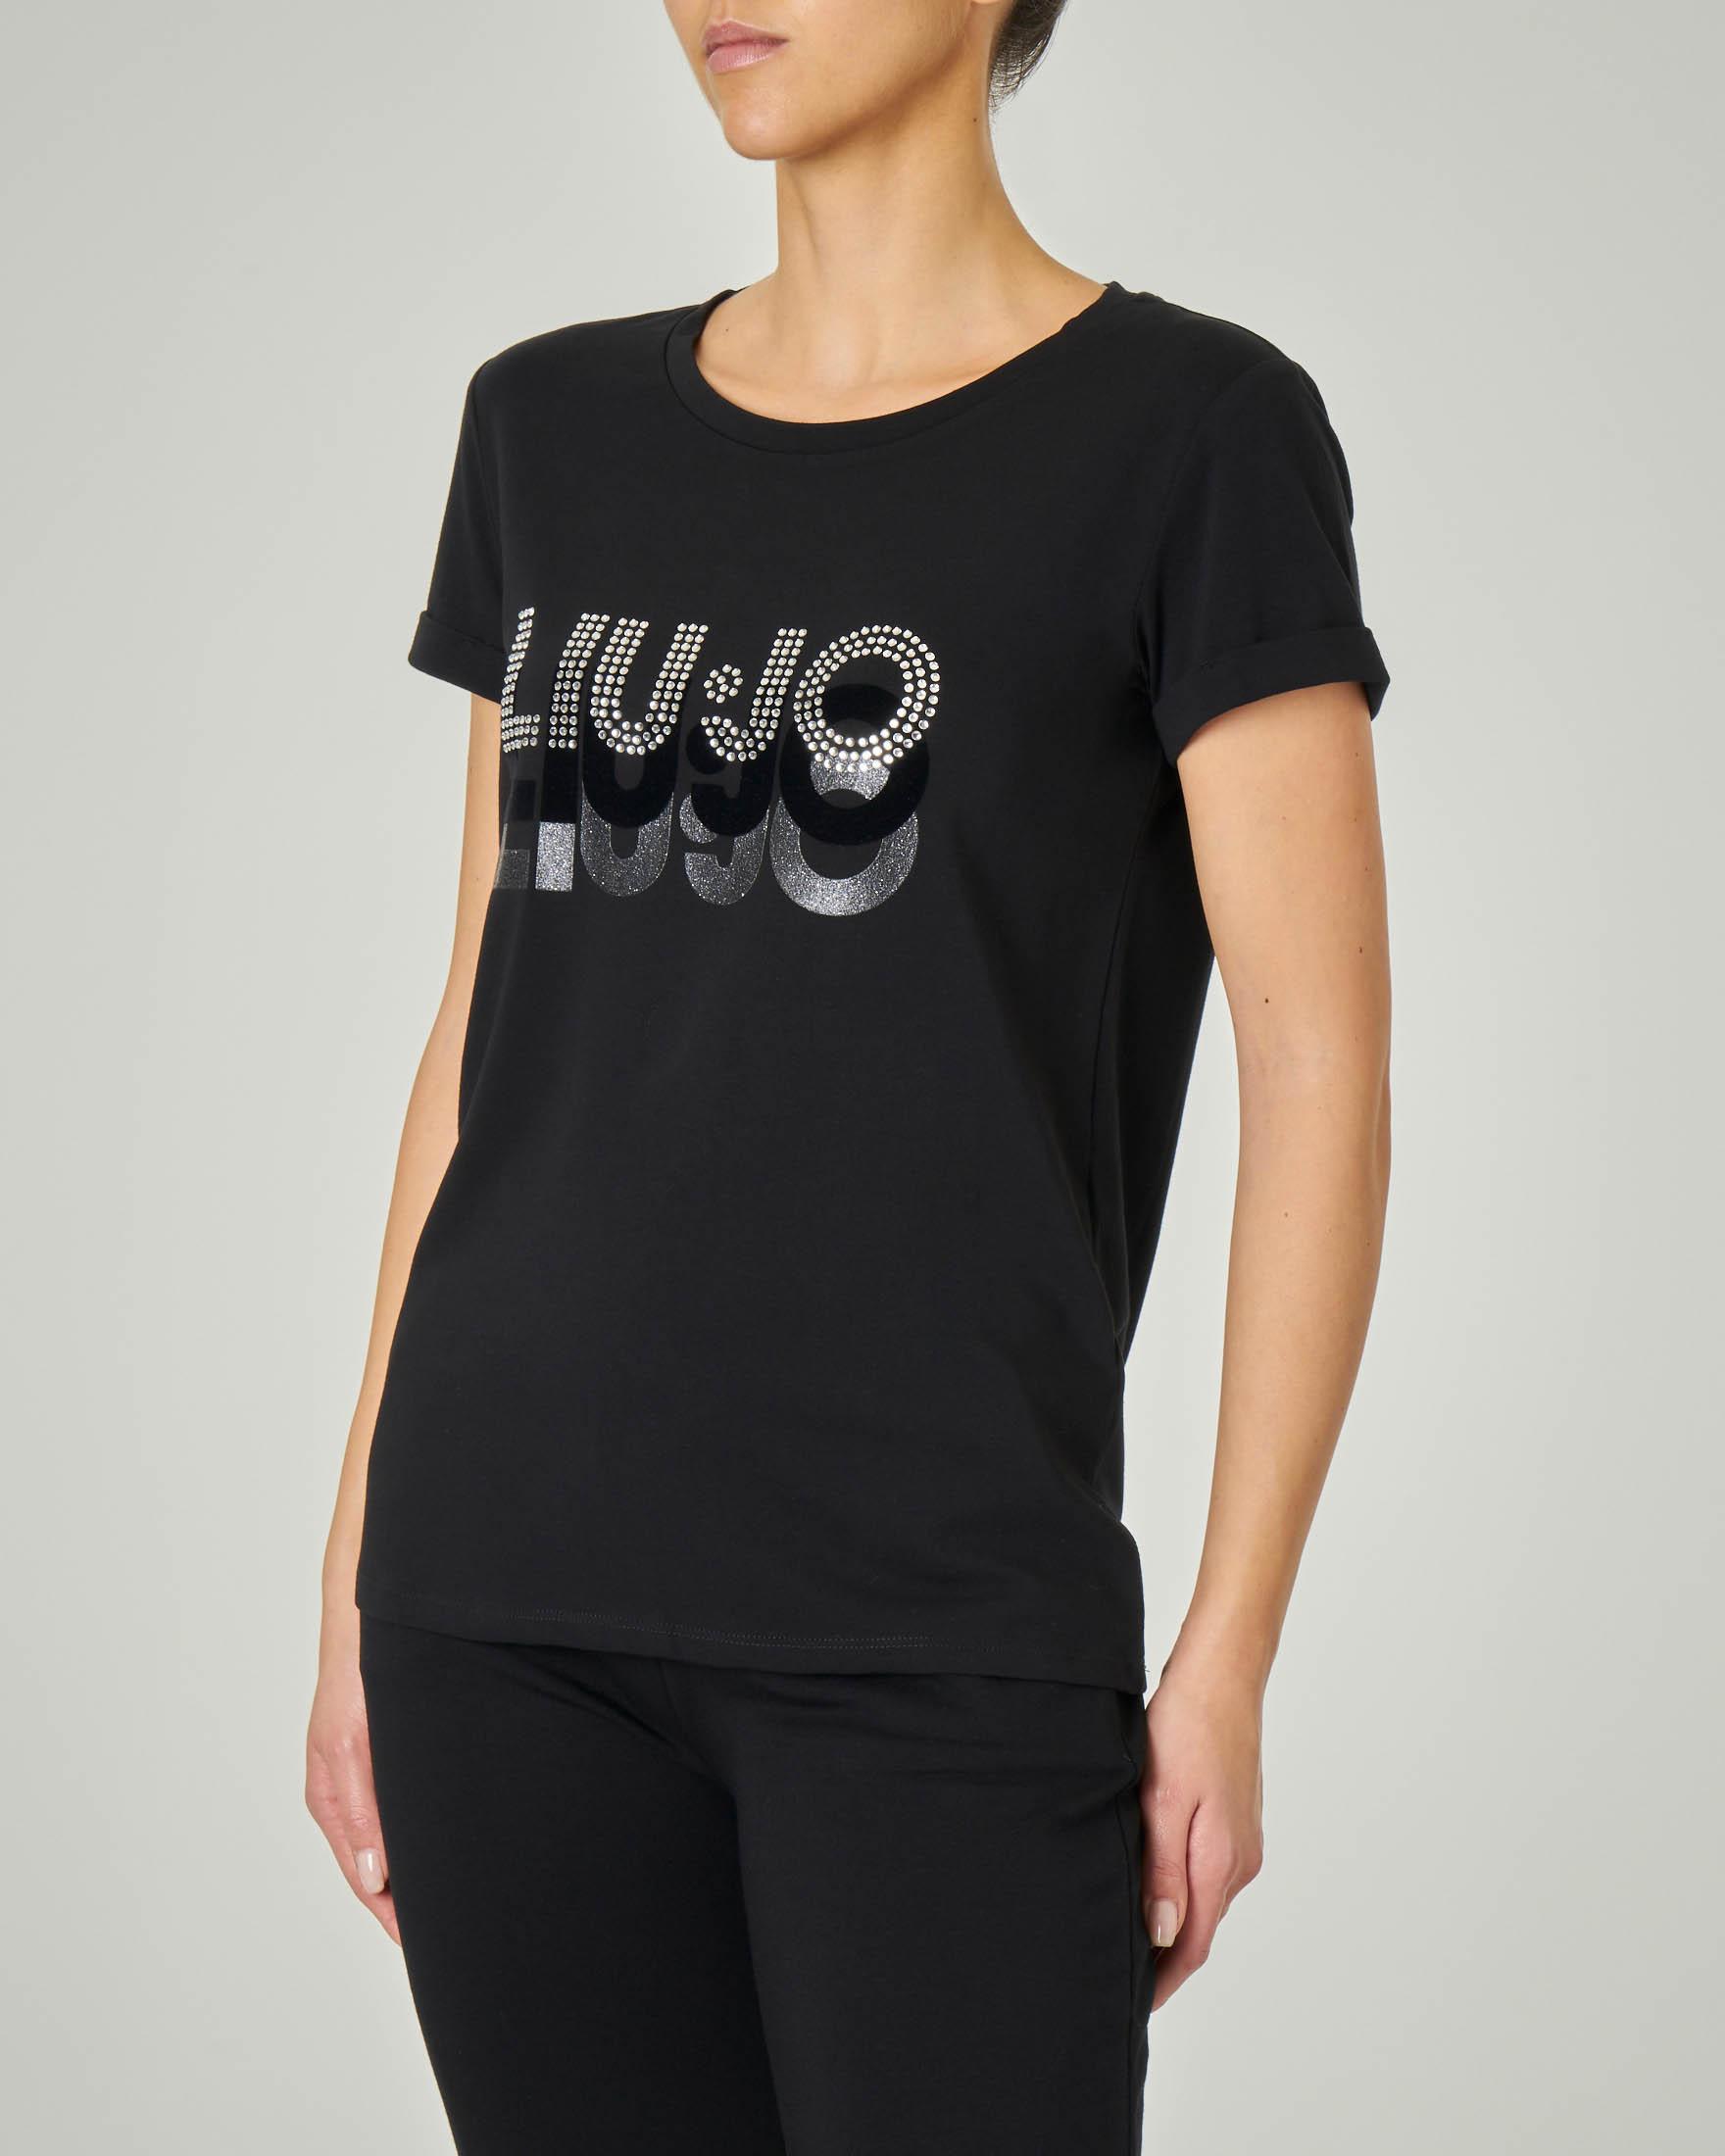 T-shirt in cotone elasticizzata nera con triplice scritta logo in strass e lurex dégradé